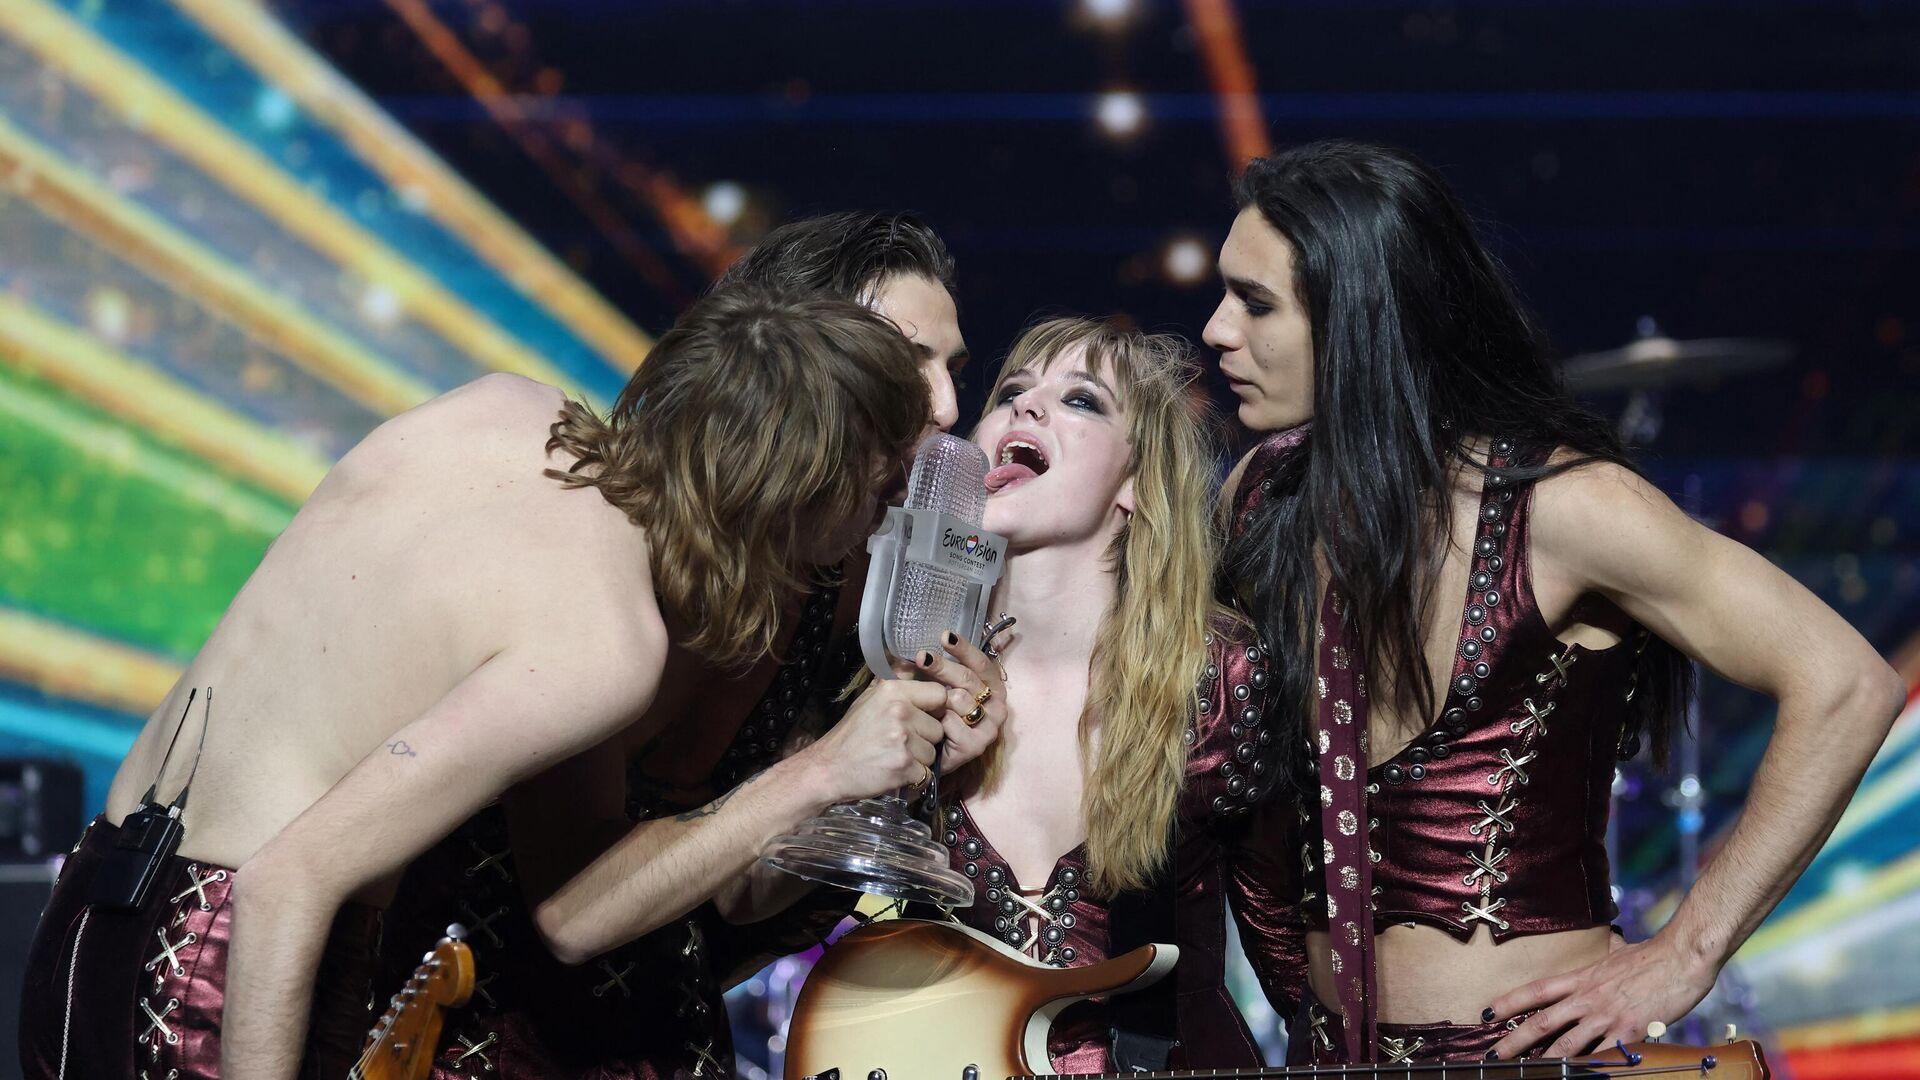 La banda italiana Maneskin junto al trofeo de Eurovision 2021 - Sputnik Mundo, 1920, 25.05.2021